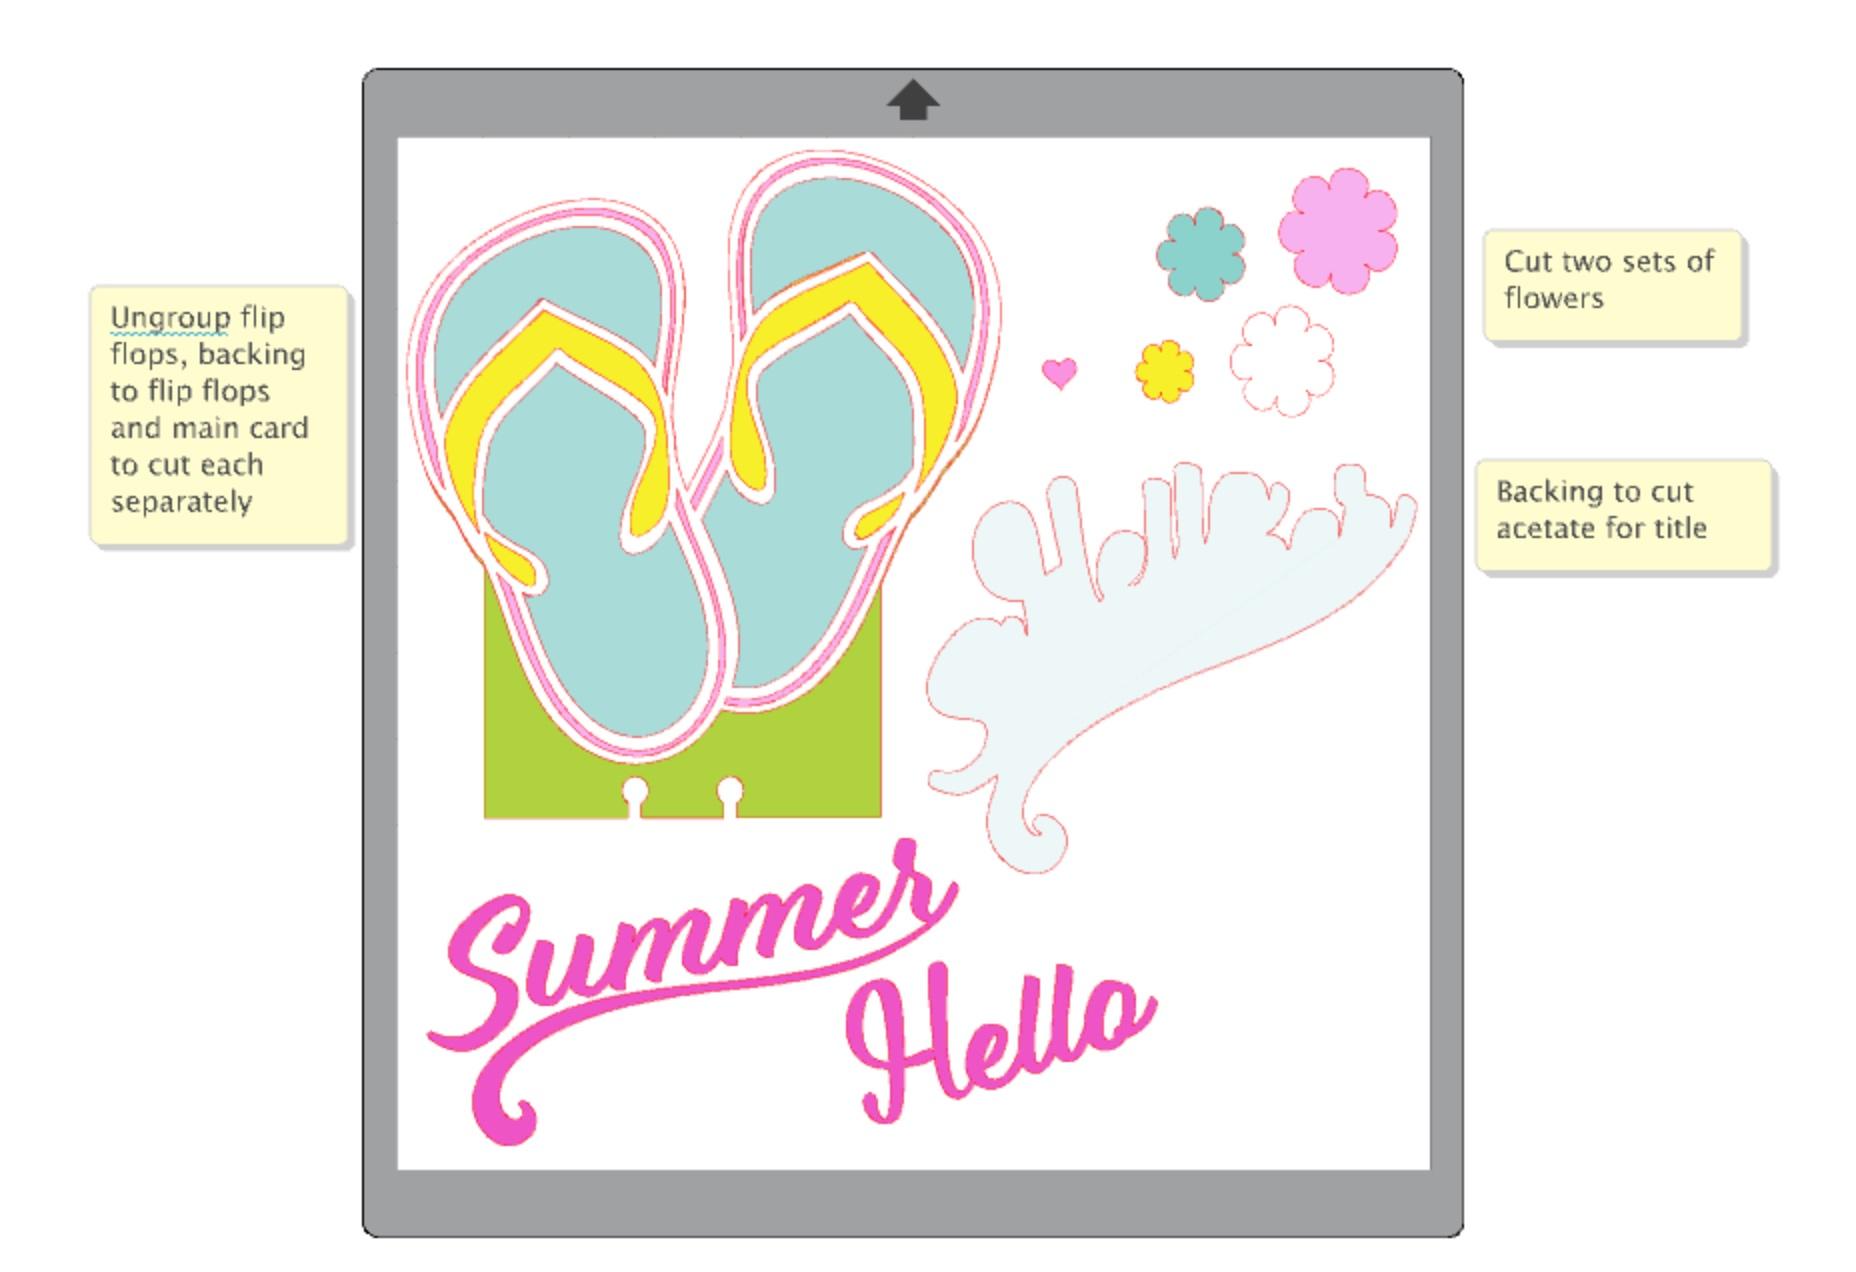 Studio3 Card 4 looks like this